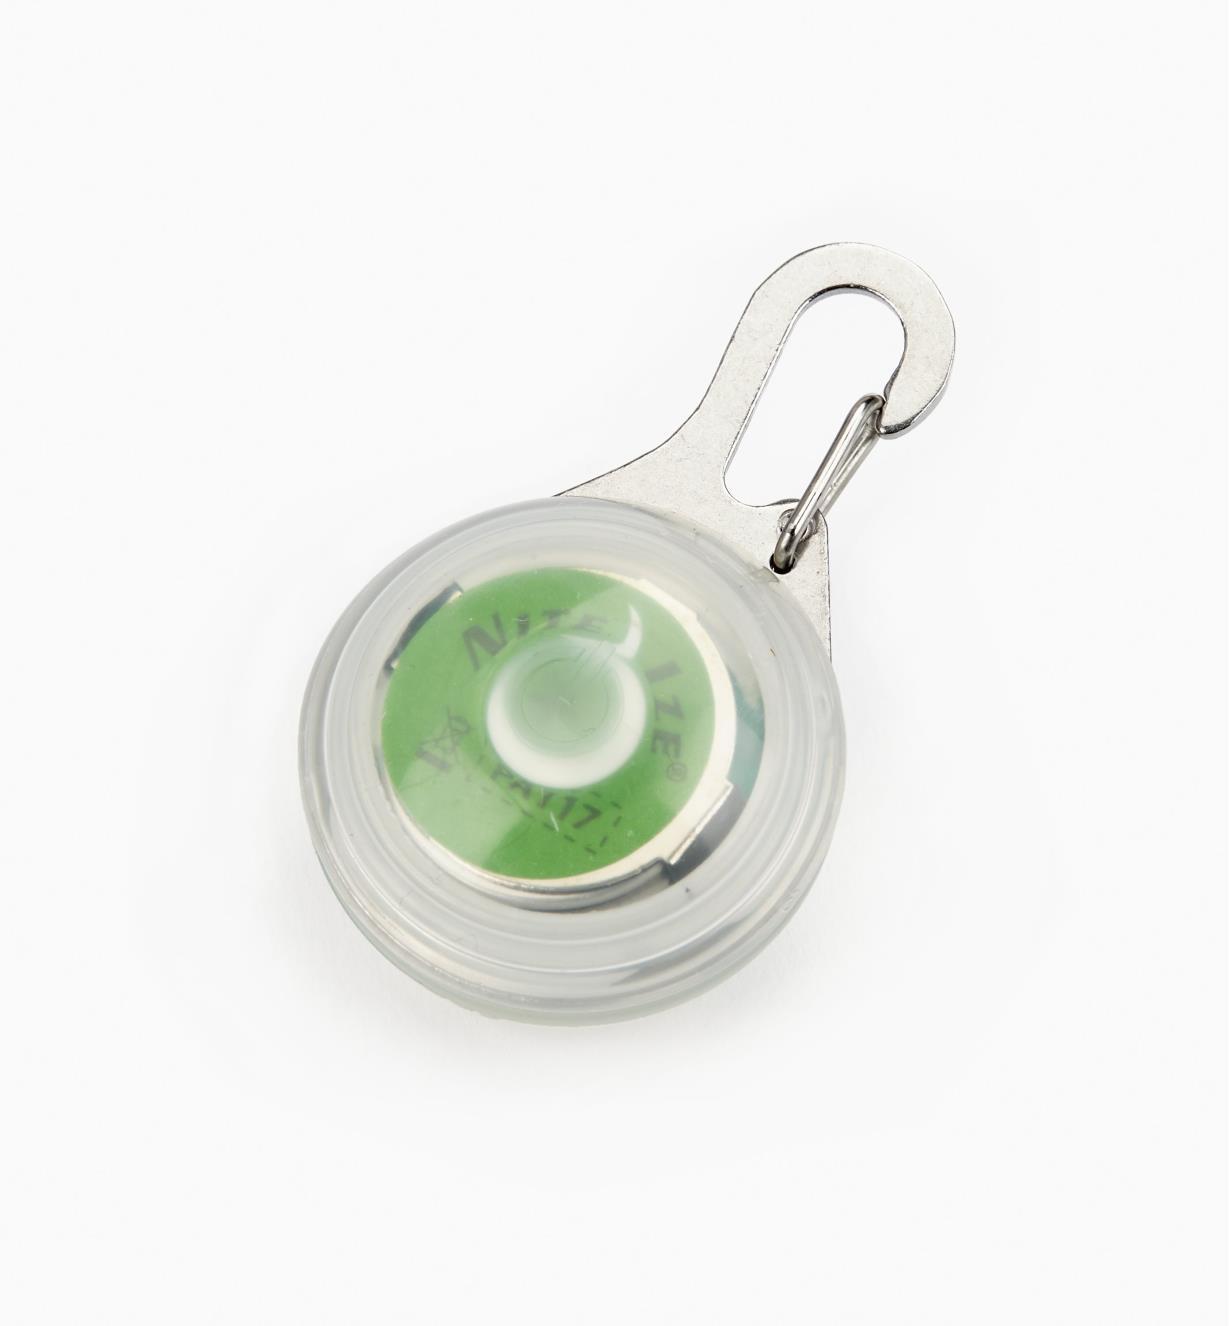 68K0673 - Lampe DEL à mousqueton, vert